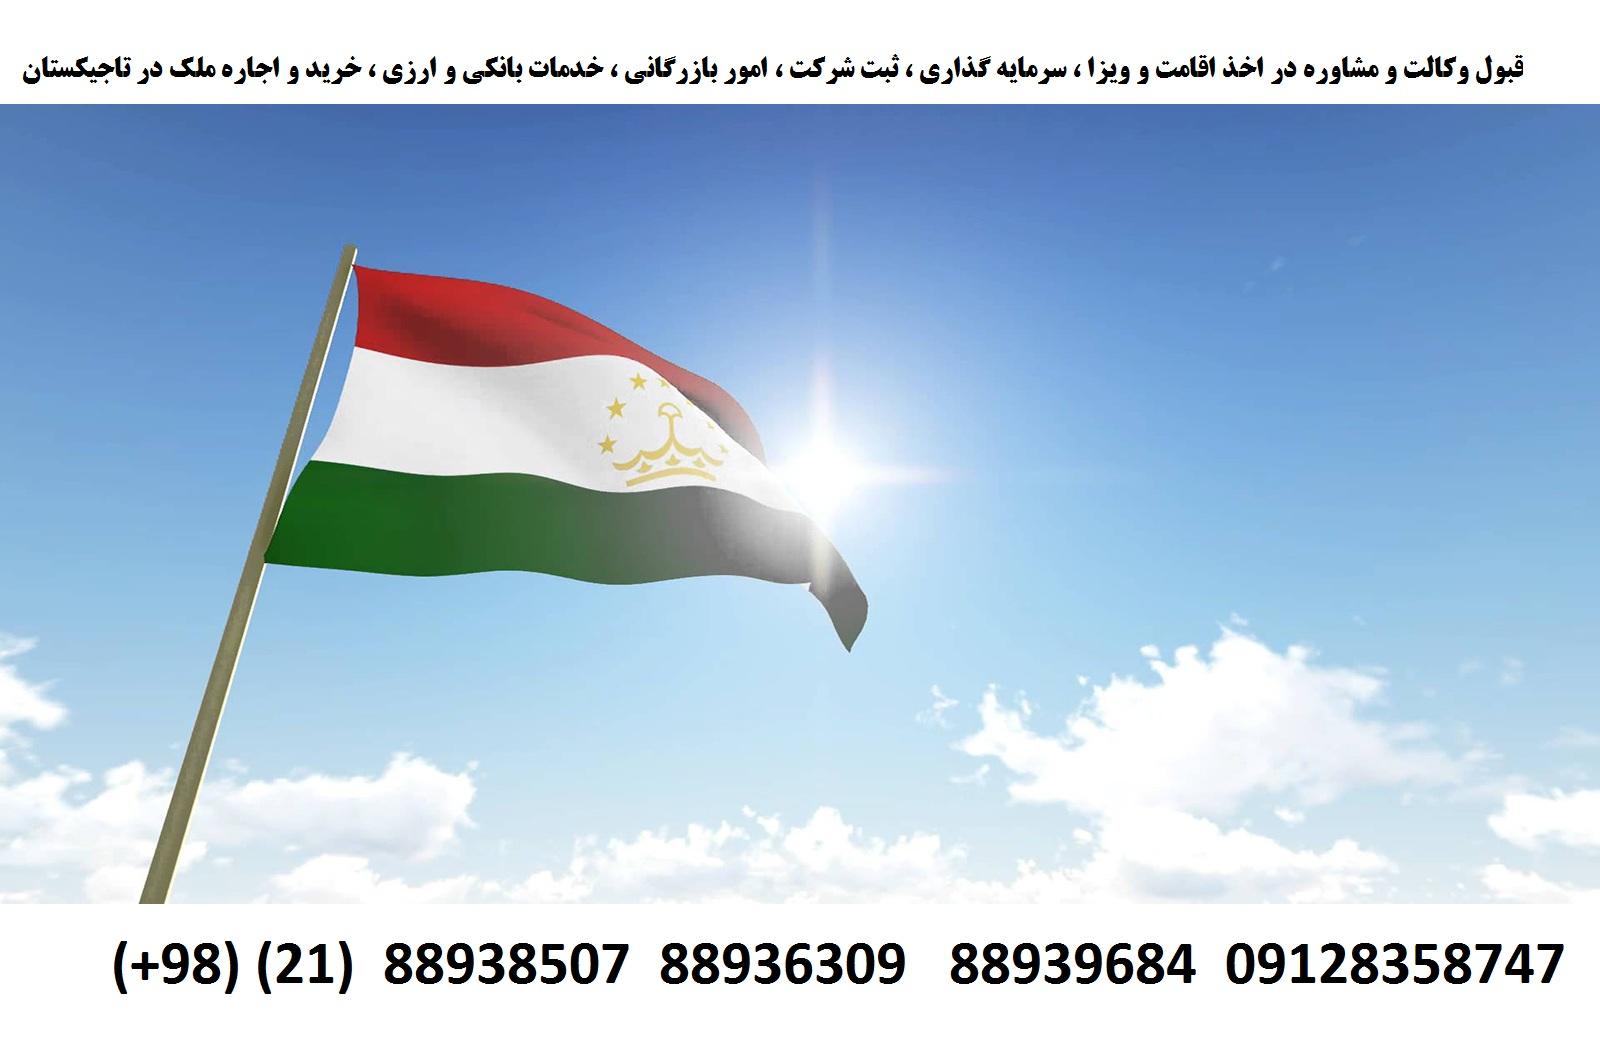 اقامت ، ویزا ، ثبت شرکت ، سرمایه گذاری در تاجیکستان (1)